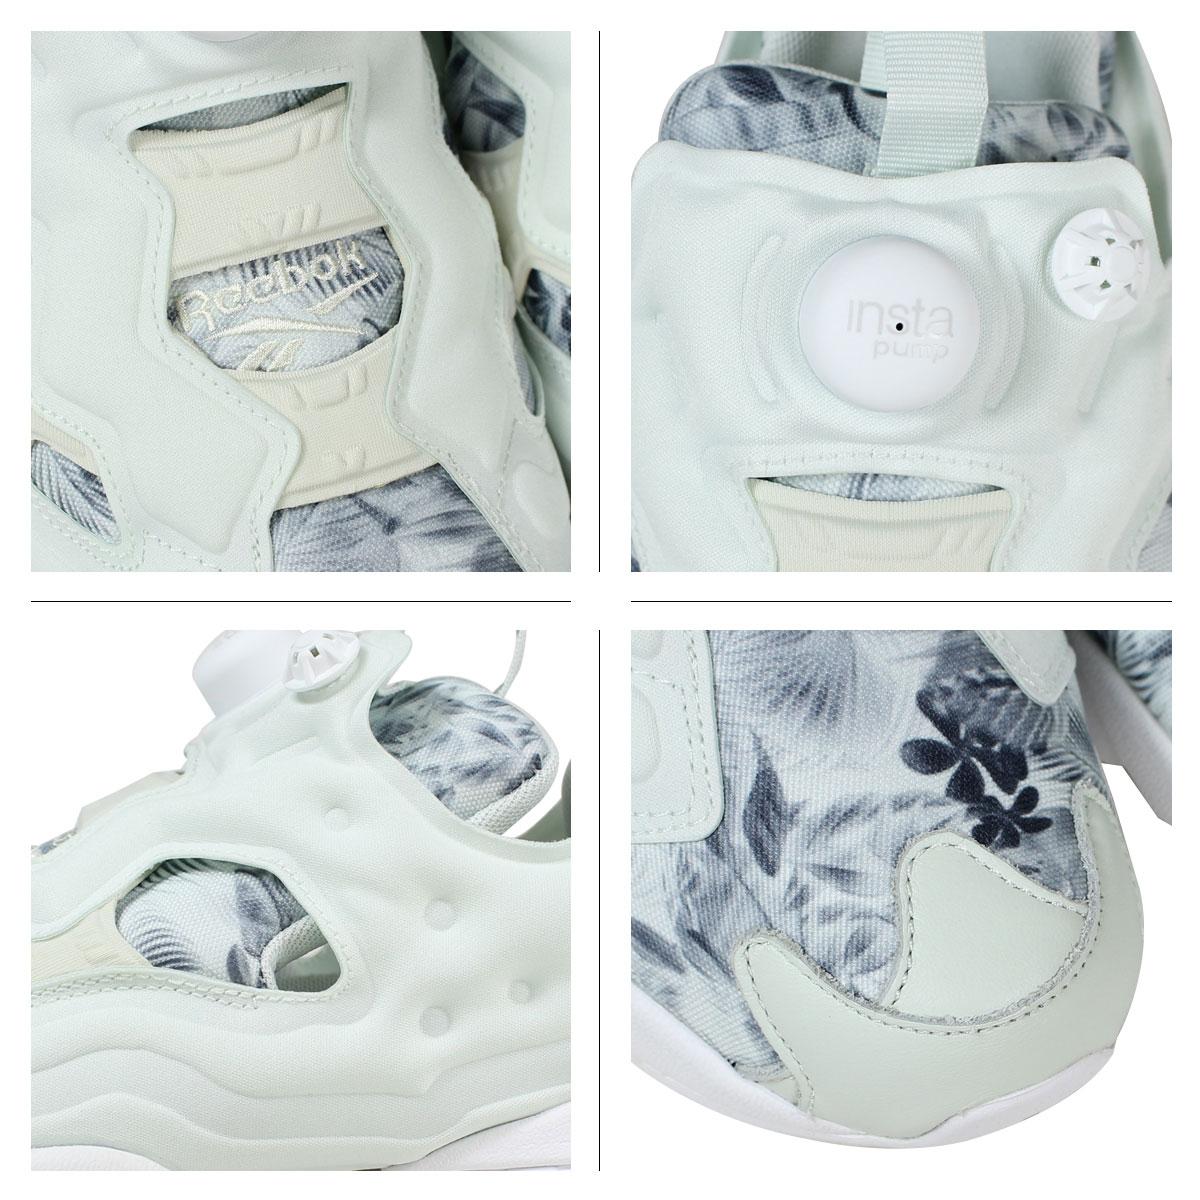 Pompe Reebok Chaussures Des Femmes ynwFHer3T